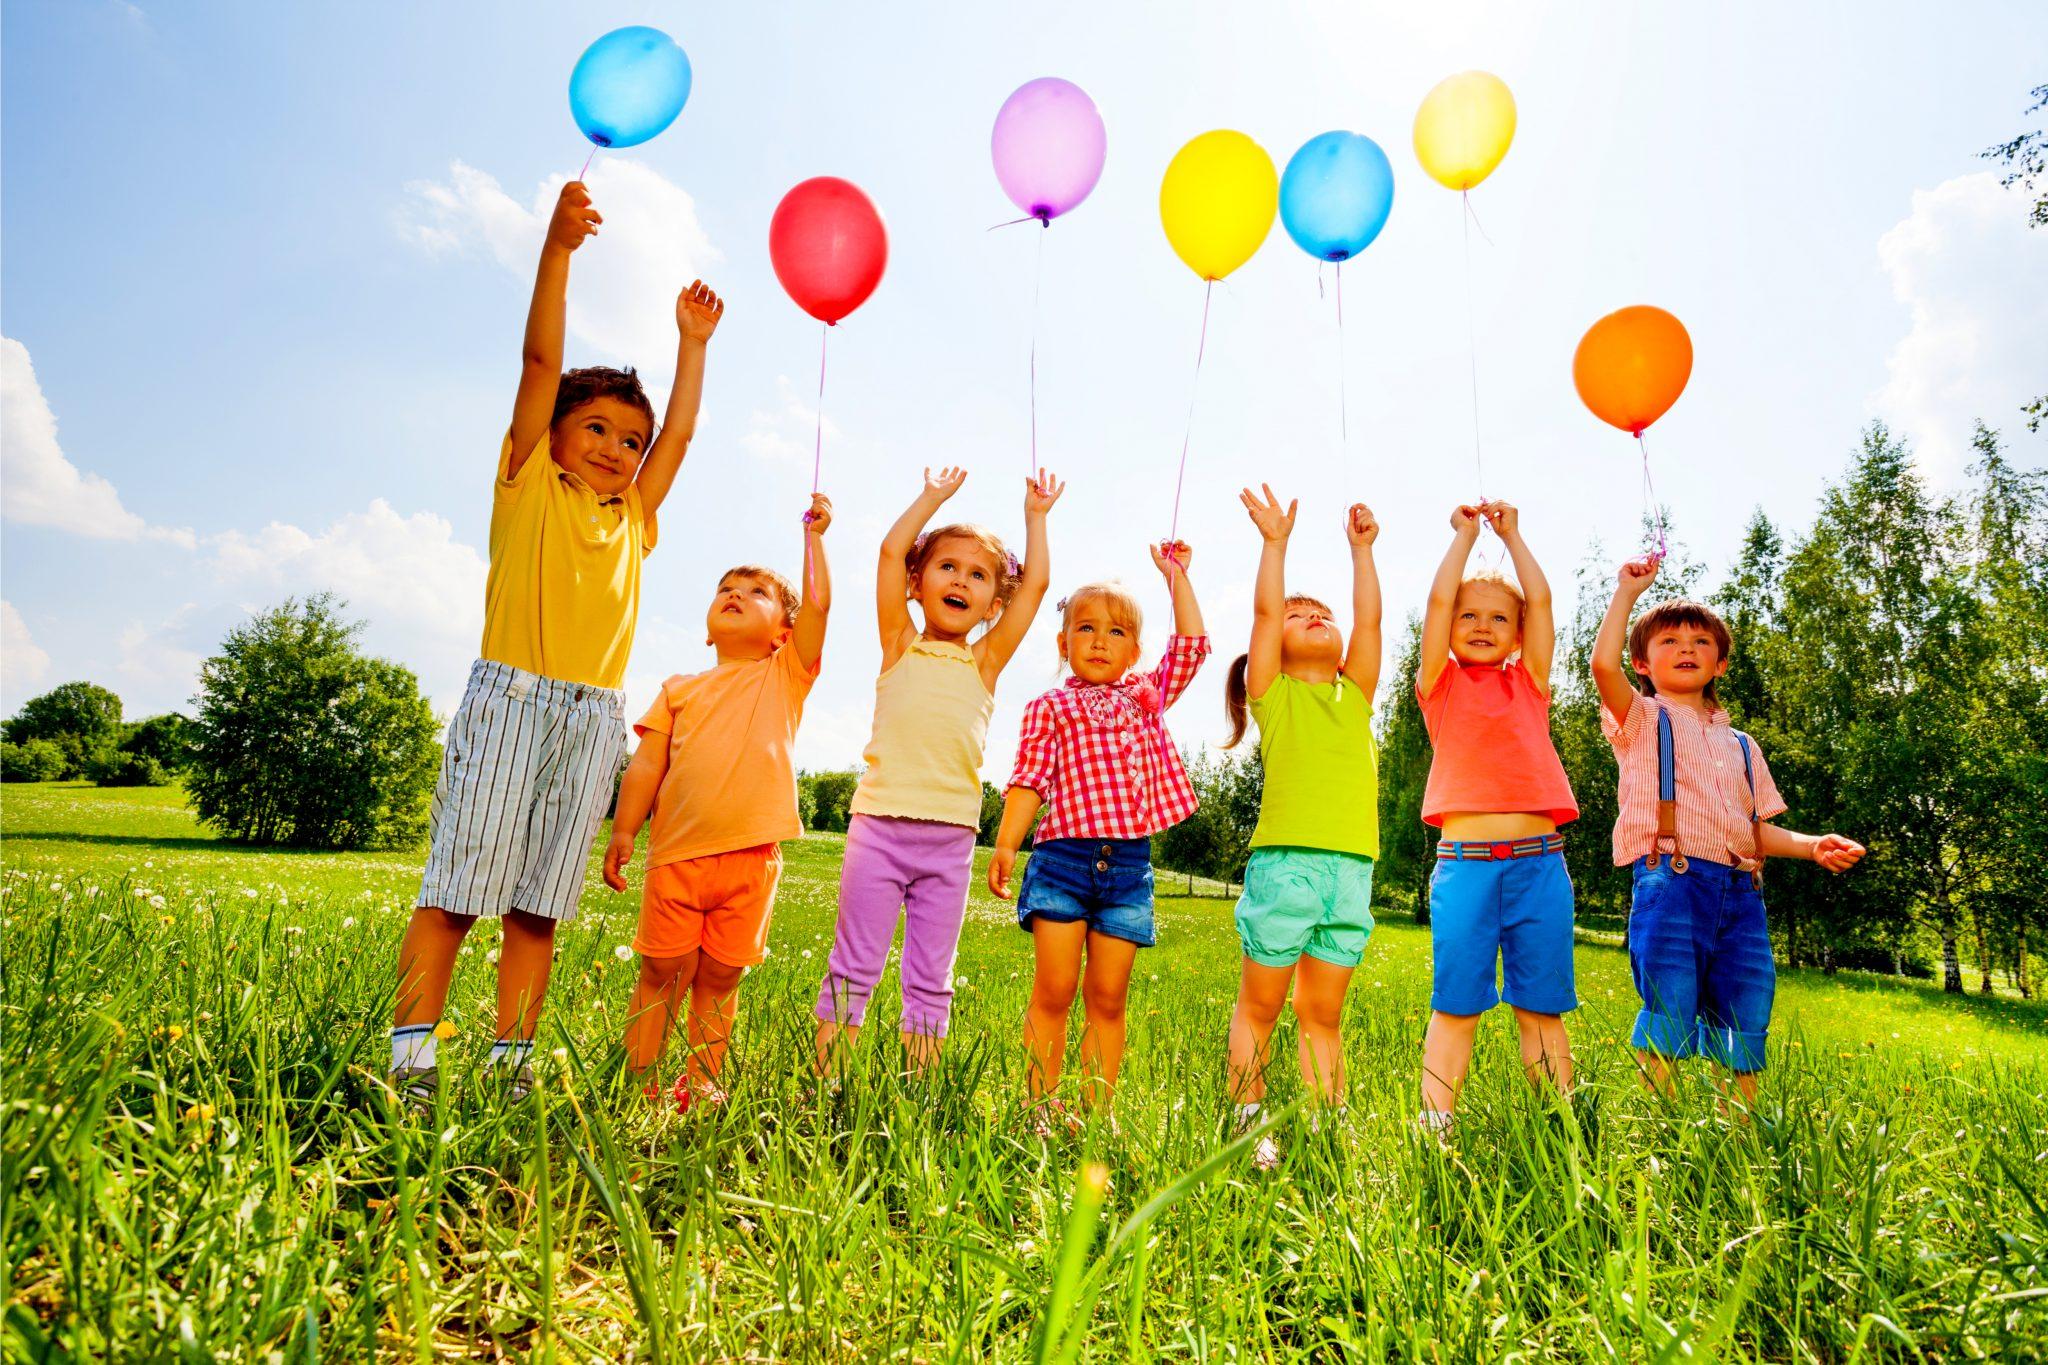 風船で遊んでいる子どもたち